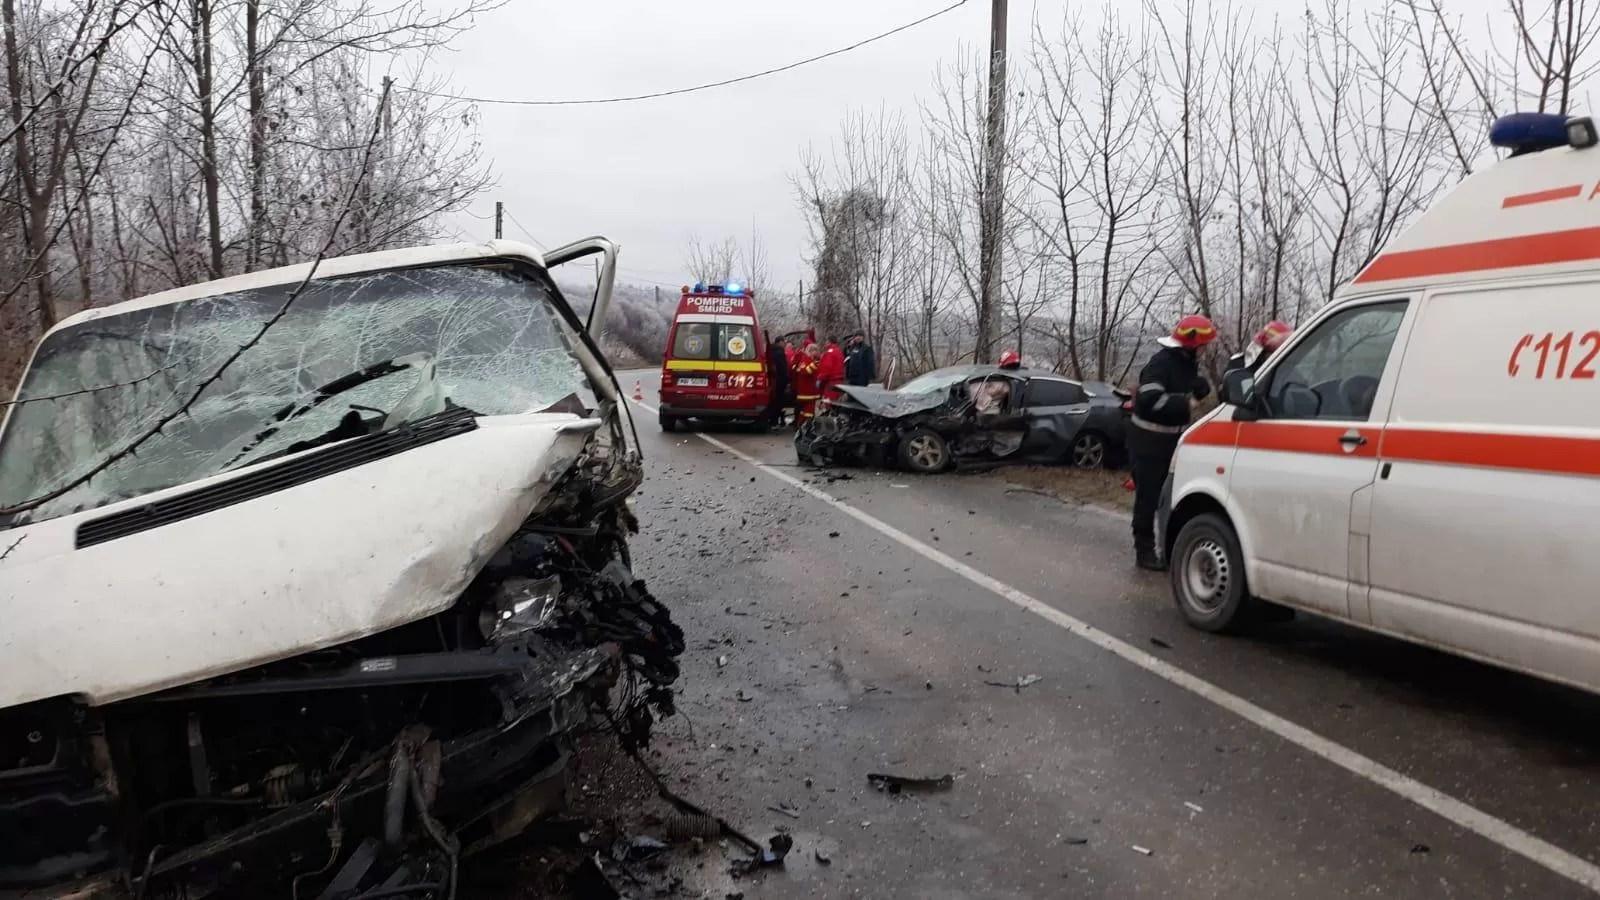 Ajutorul şefului postului de Poliţie Gornet, rănit grav în accident rutier